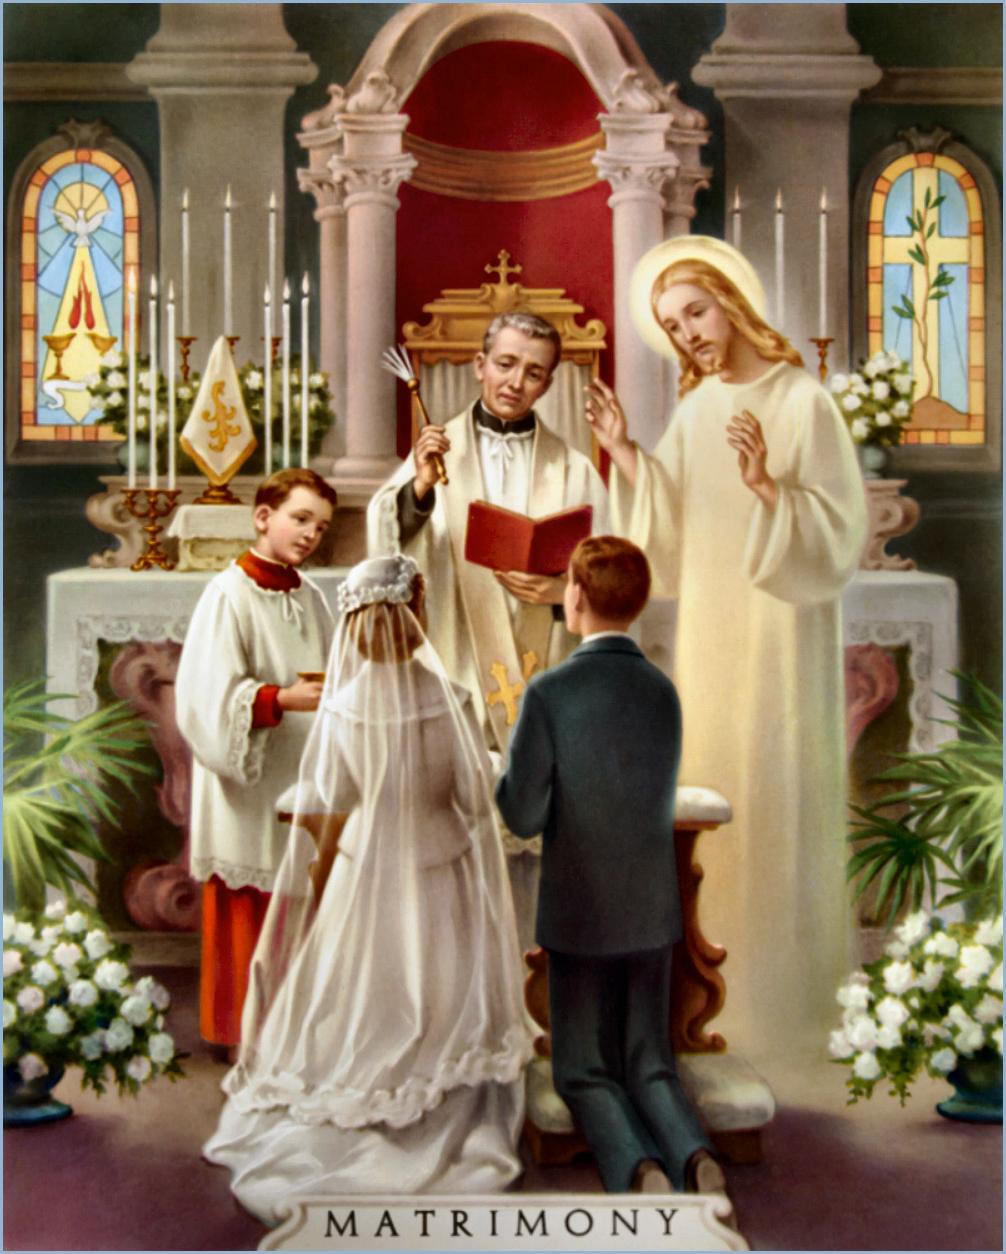 Matrimonio Q Significa : Almas devotas os sete sacramentos matrimÔnio